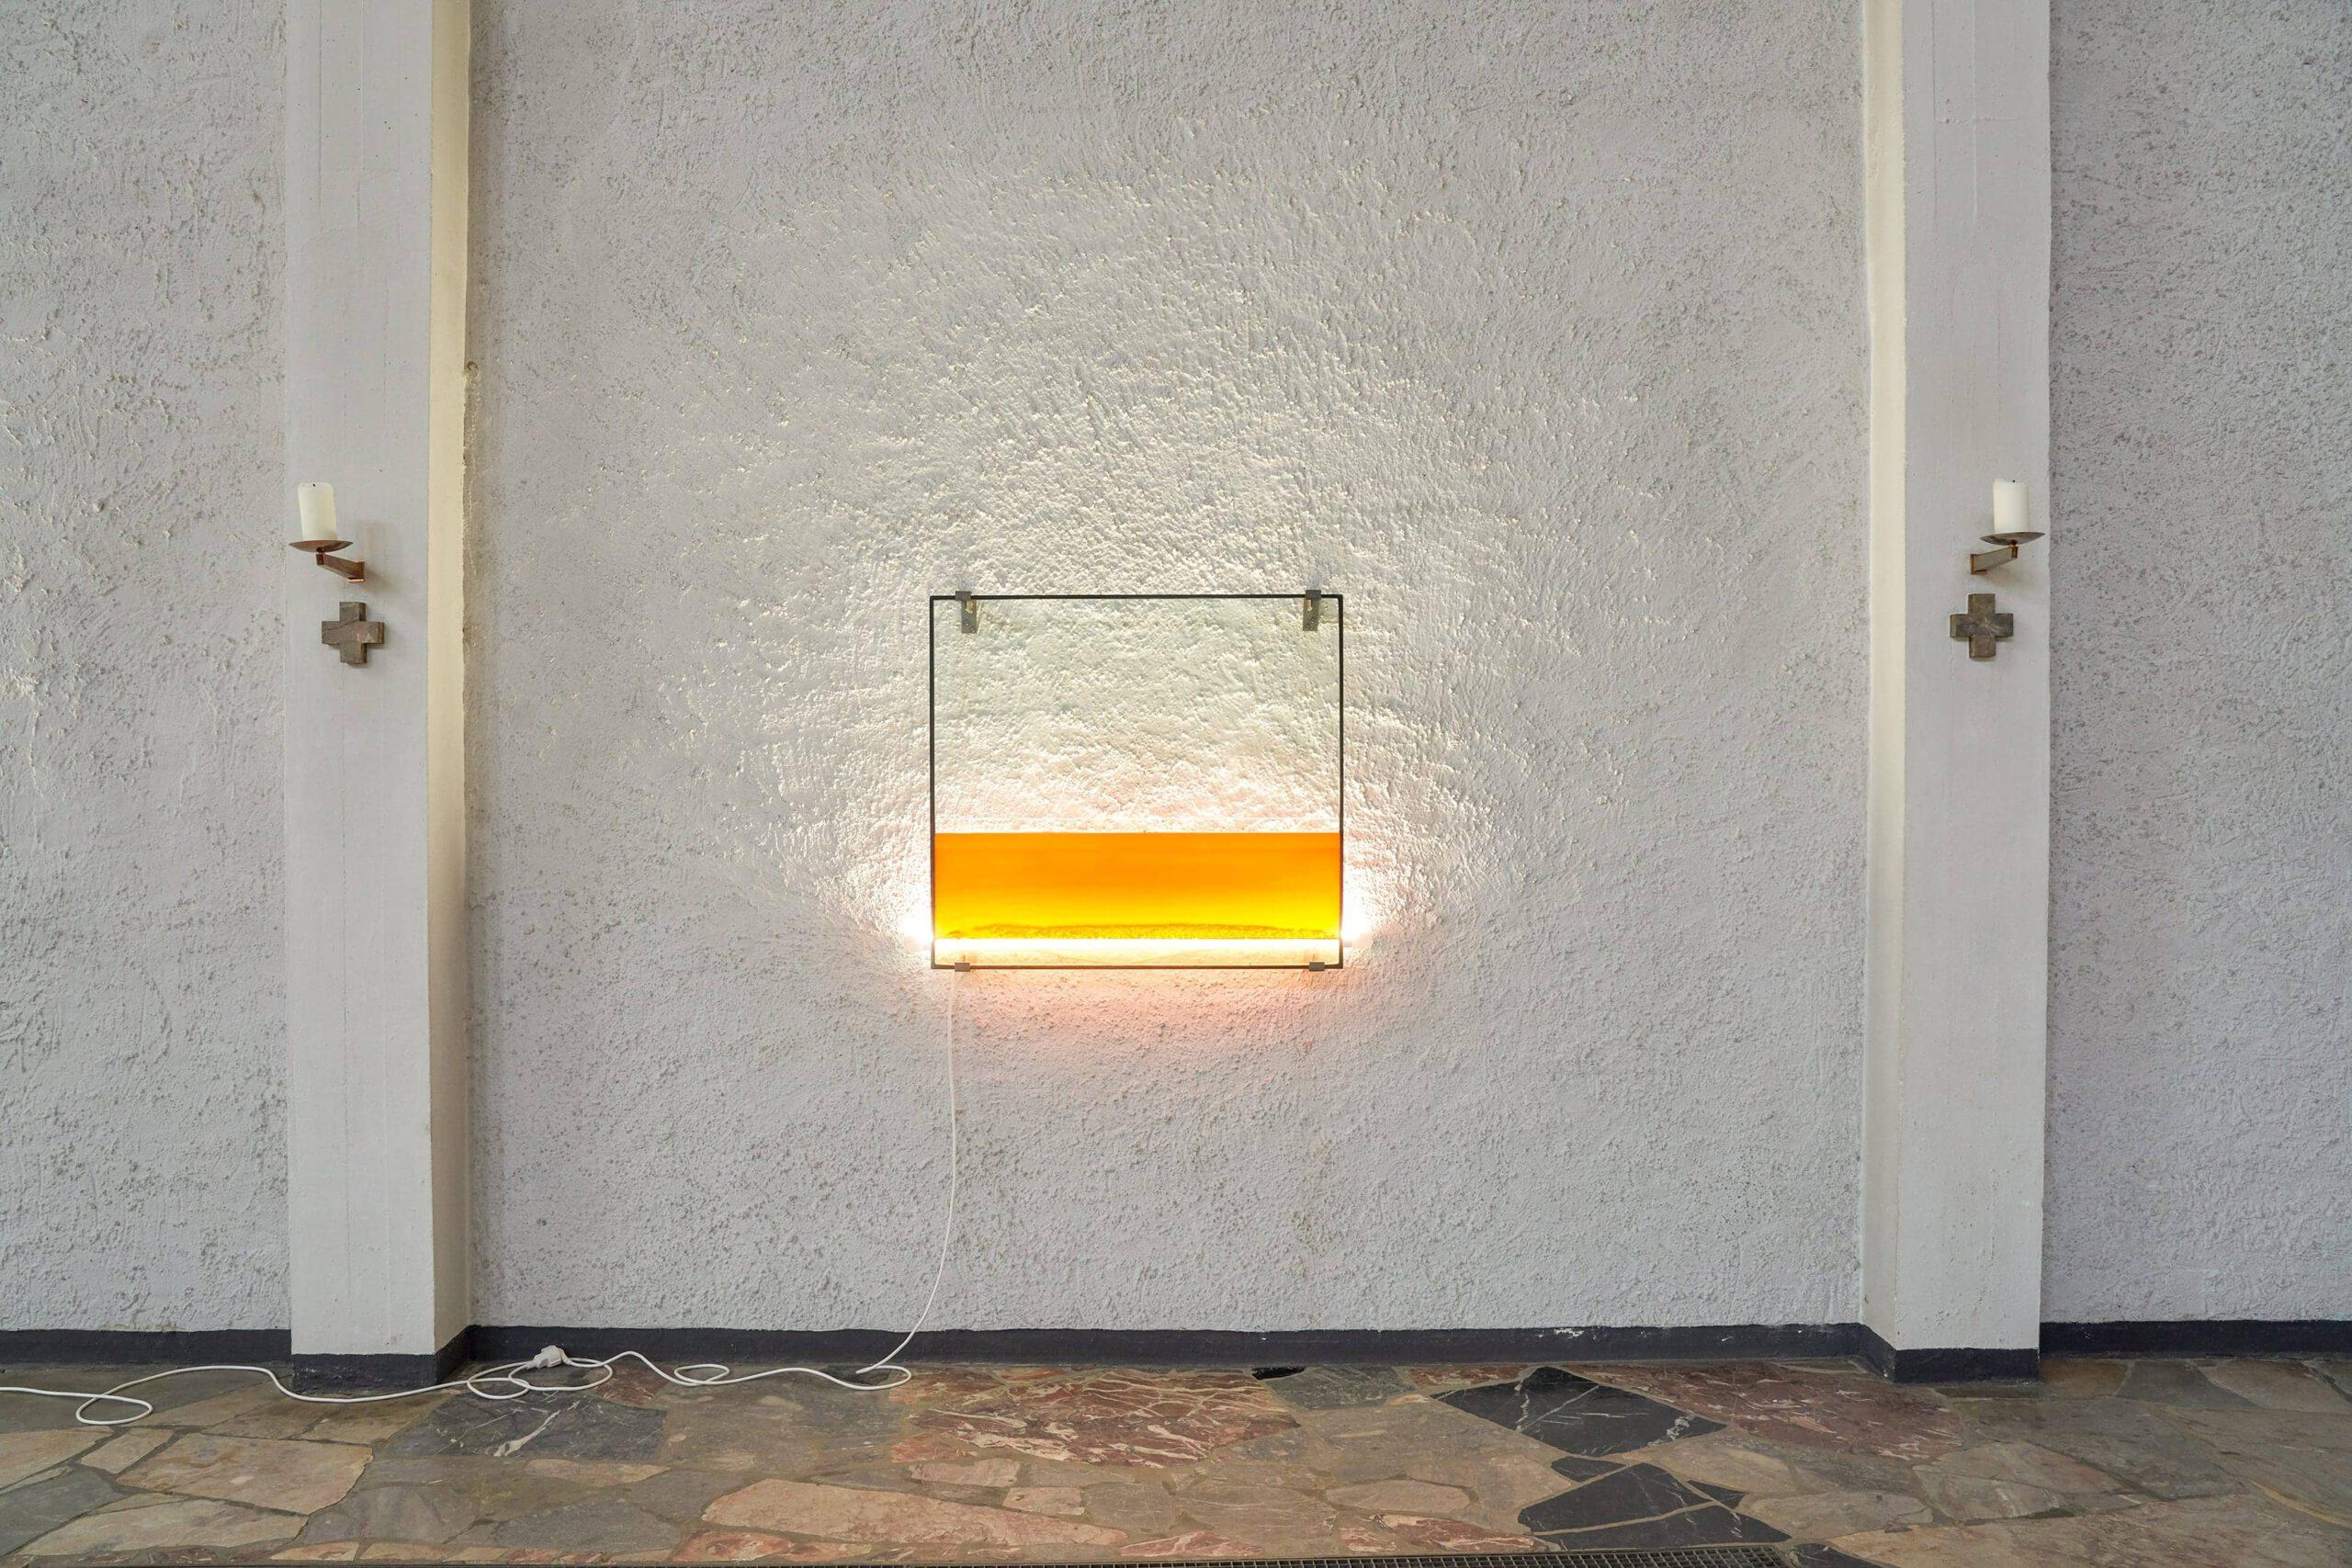 Stratification III   2019, Glas, Leuchtmittel, Stahl, Wasser, Honig, Pigment, Spülmittel, Öl